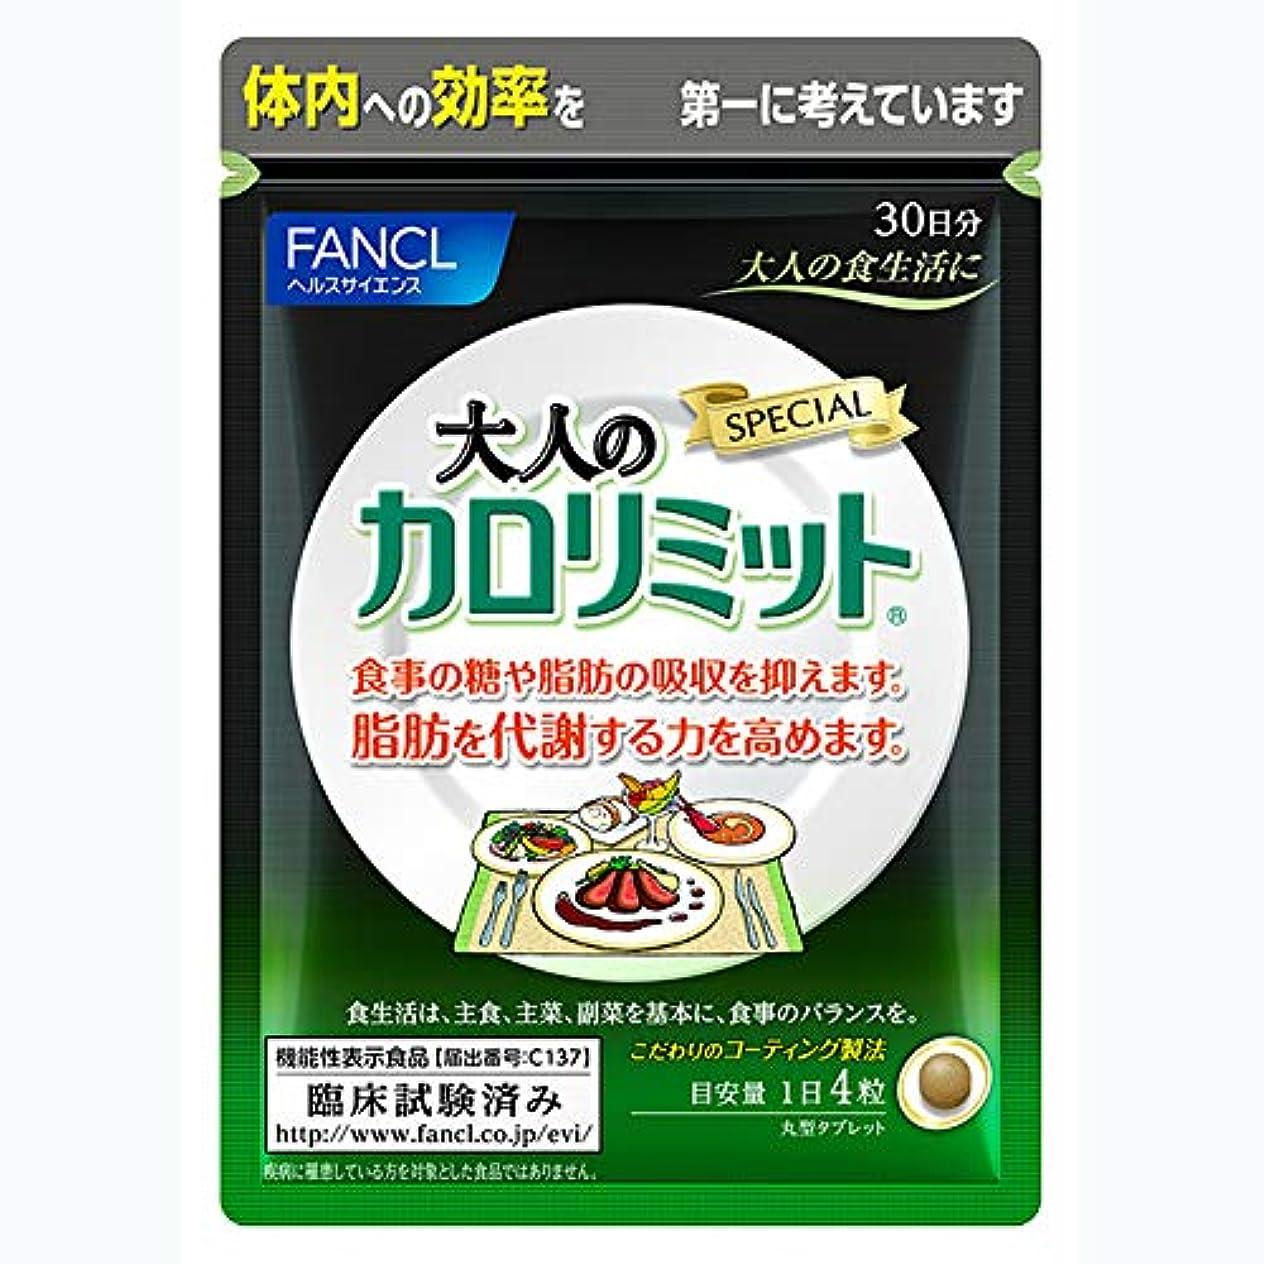 パイロット白い甘くするファンケル(FANCL) 大人のカロリミット [機能性表示食品] 30日分 120粒